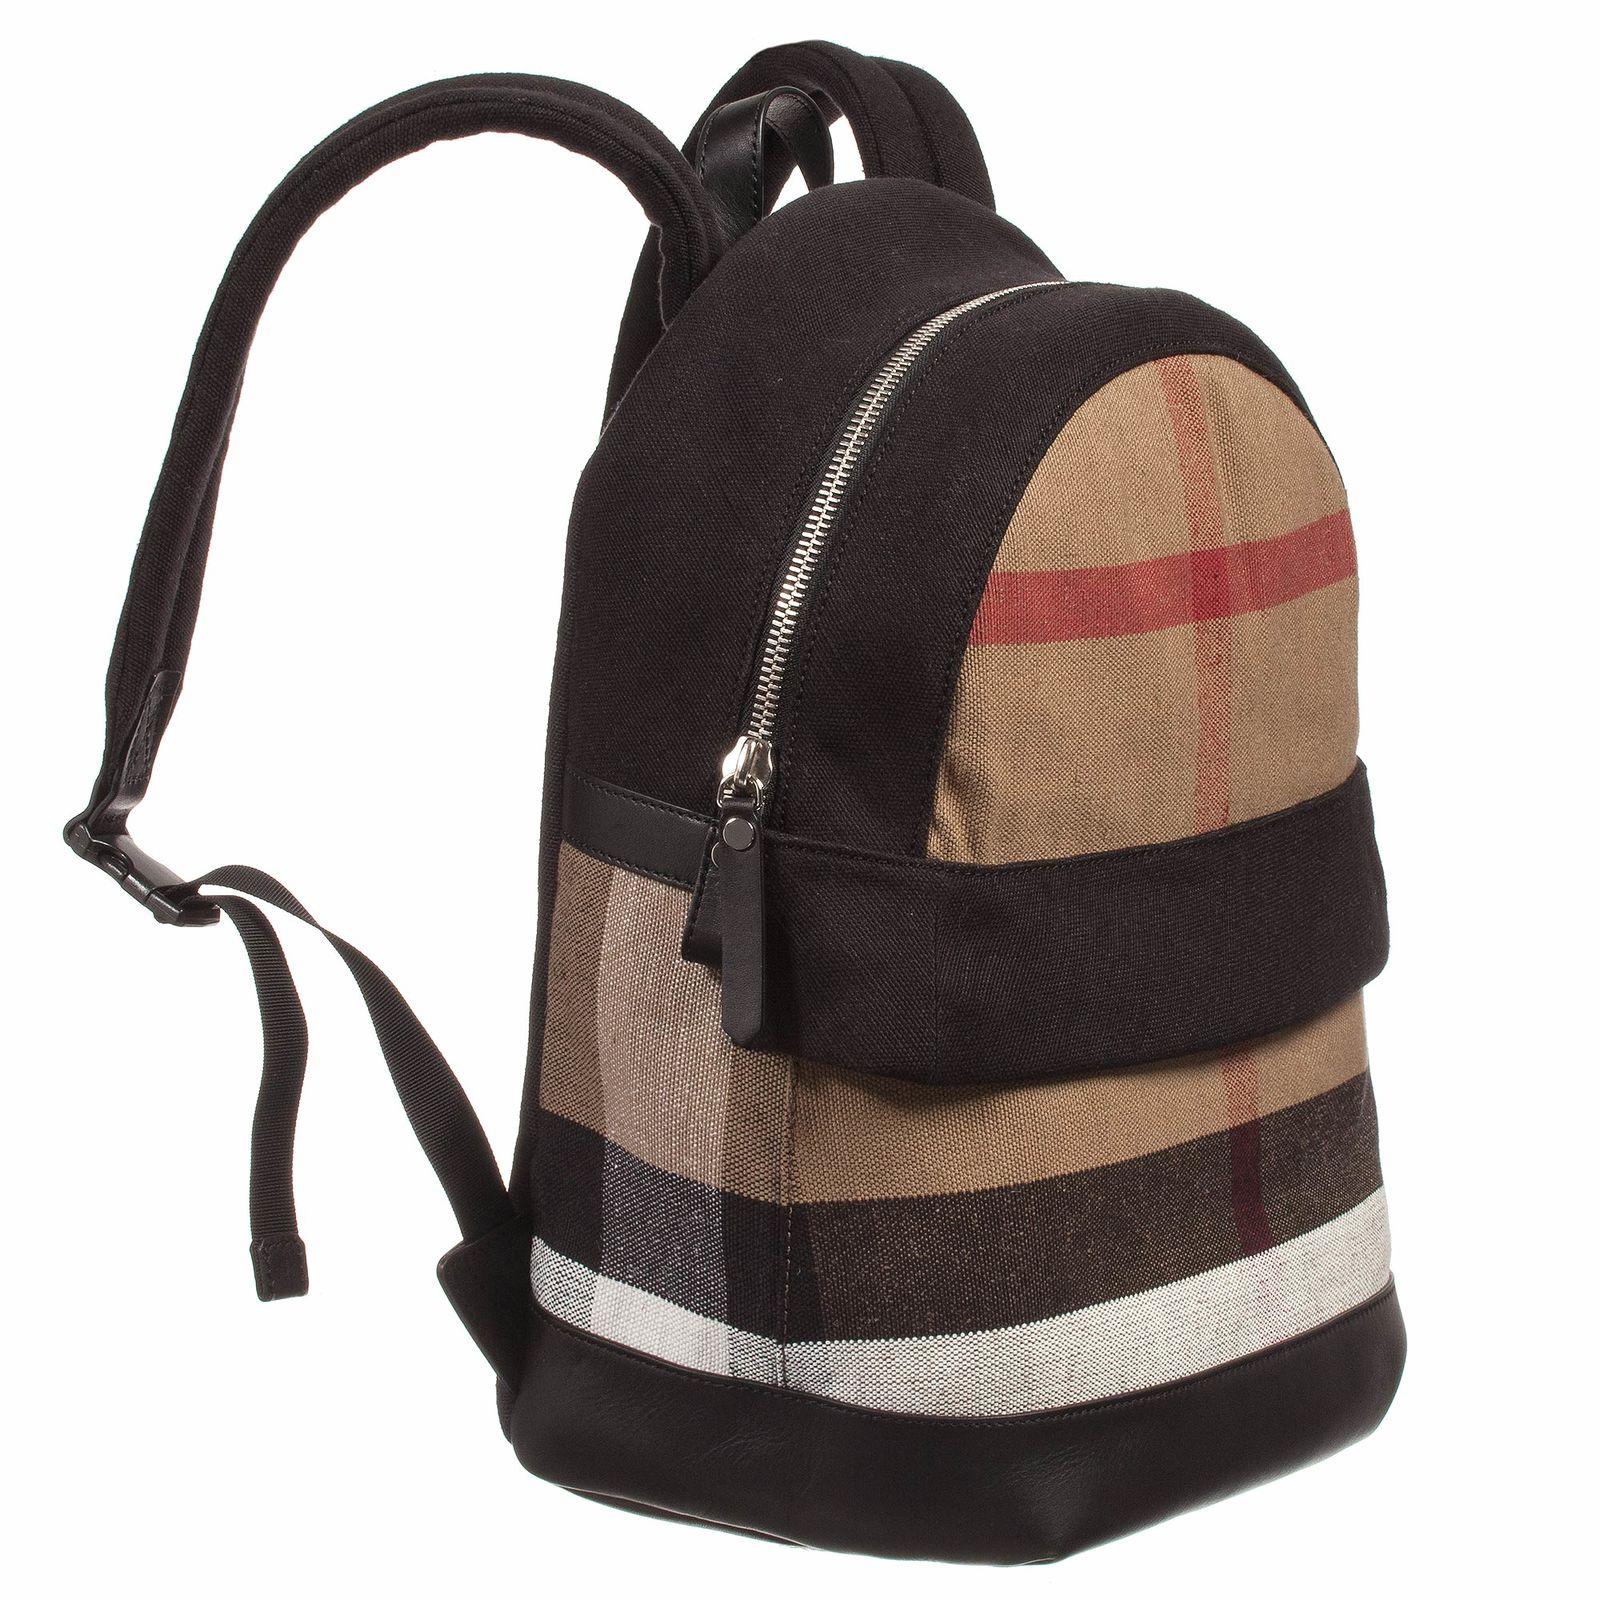 95bdb5177a072 Plecak BURBERRY CHILDREN – Kup Teraz! Najlepsze ceny i opinie! Sklep ...